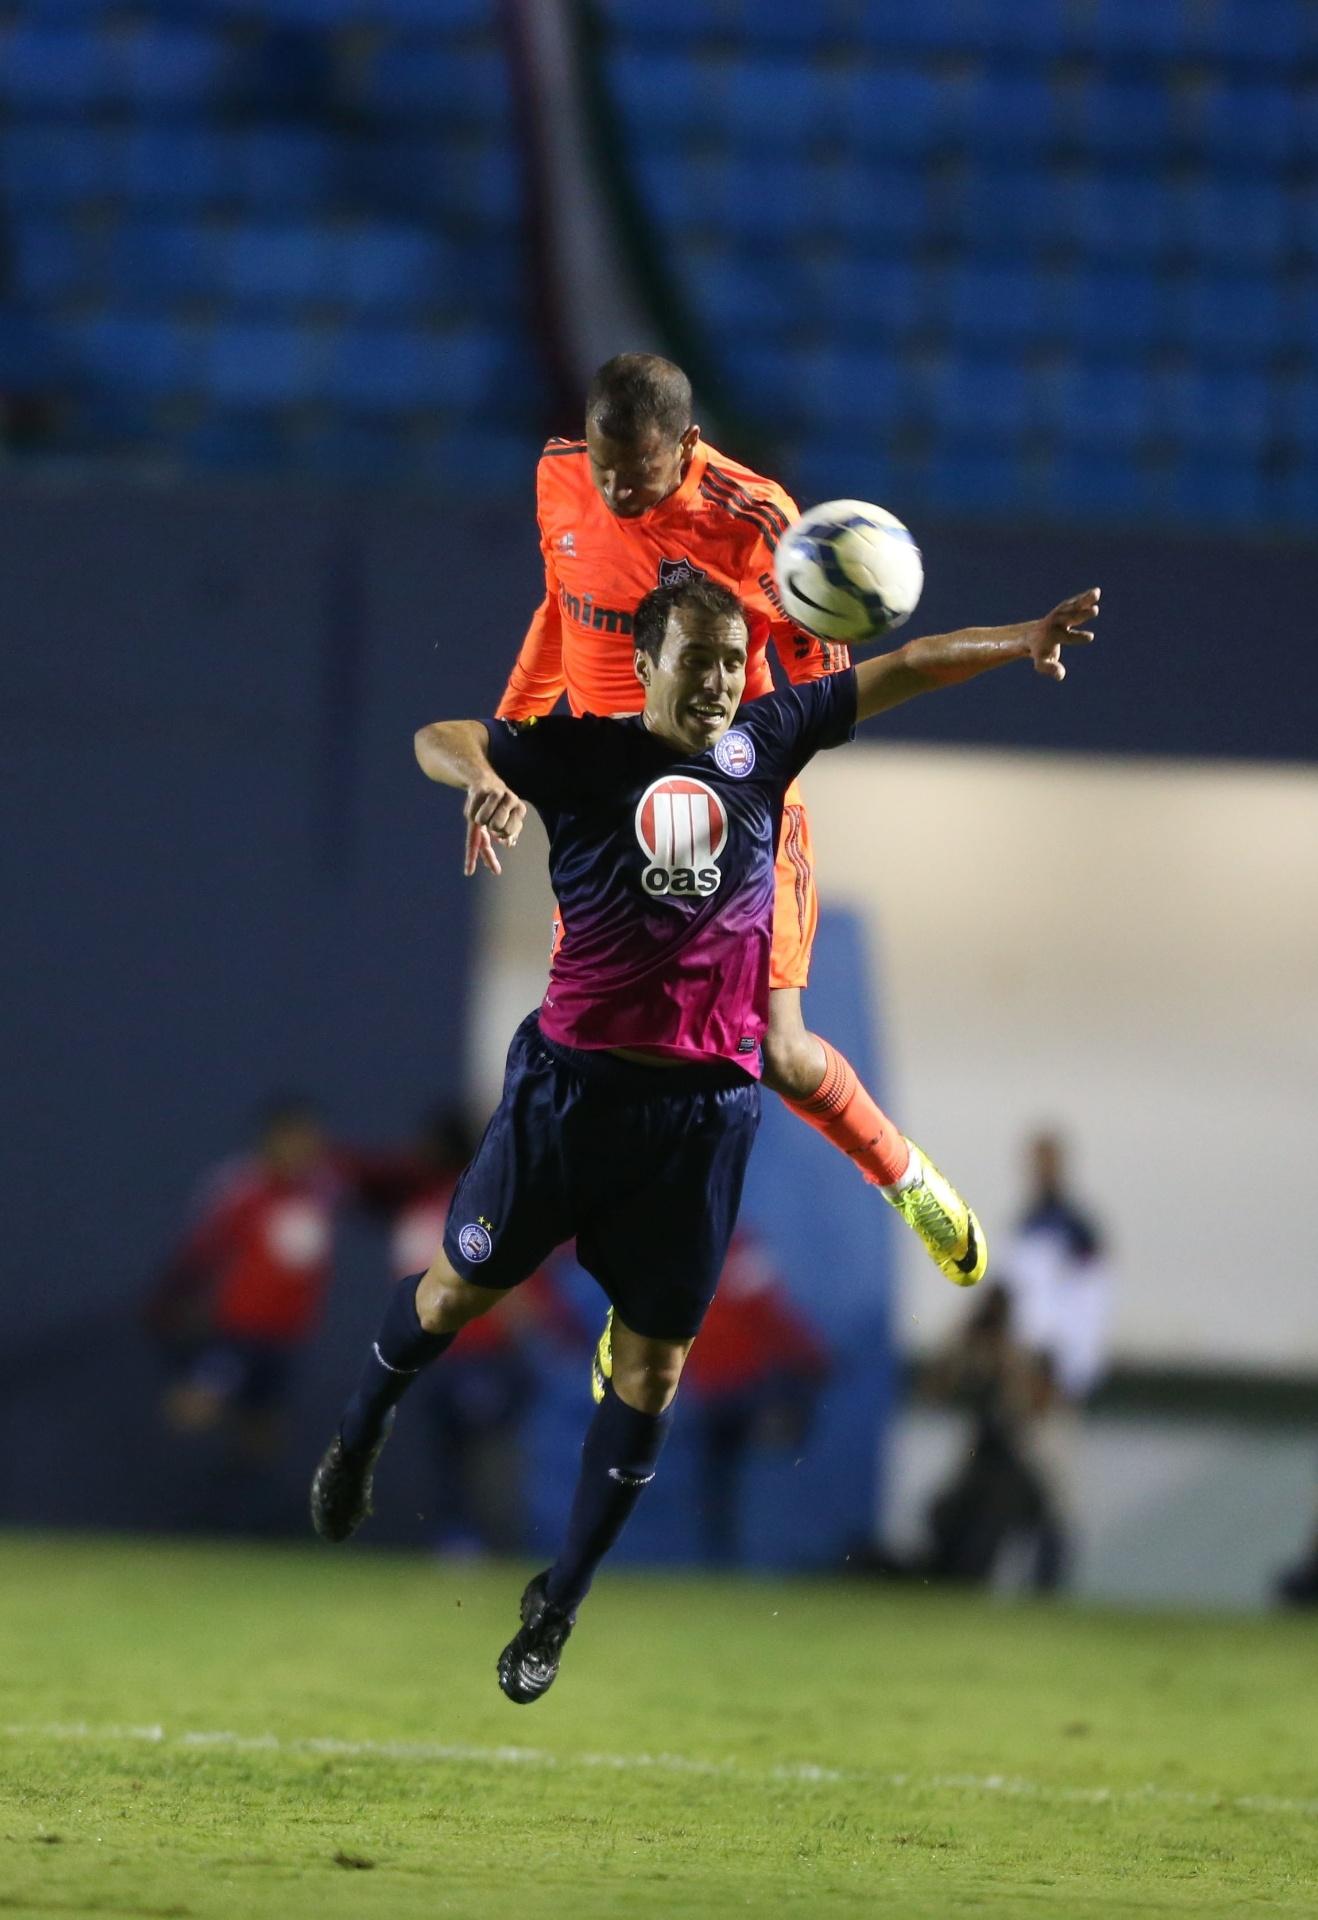 24.mai.2014 - Lateral Carlinhos disputa bola pelo alto com jogador do Bahia, em partida disputada em Barueri